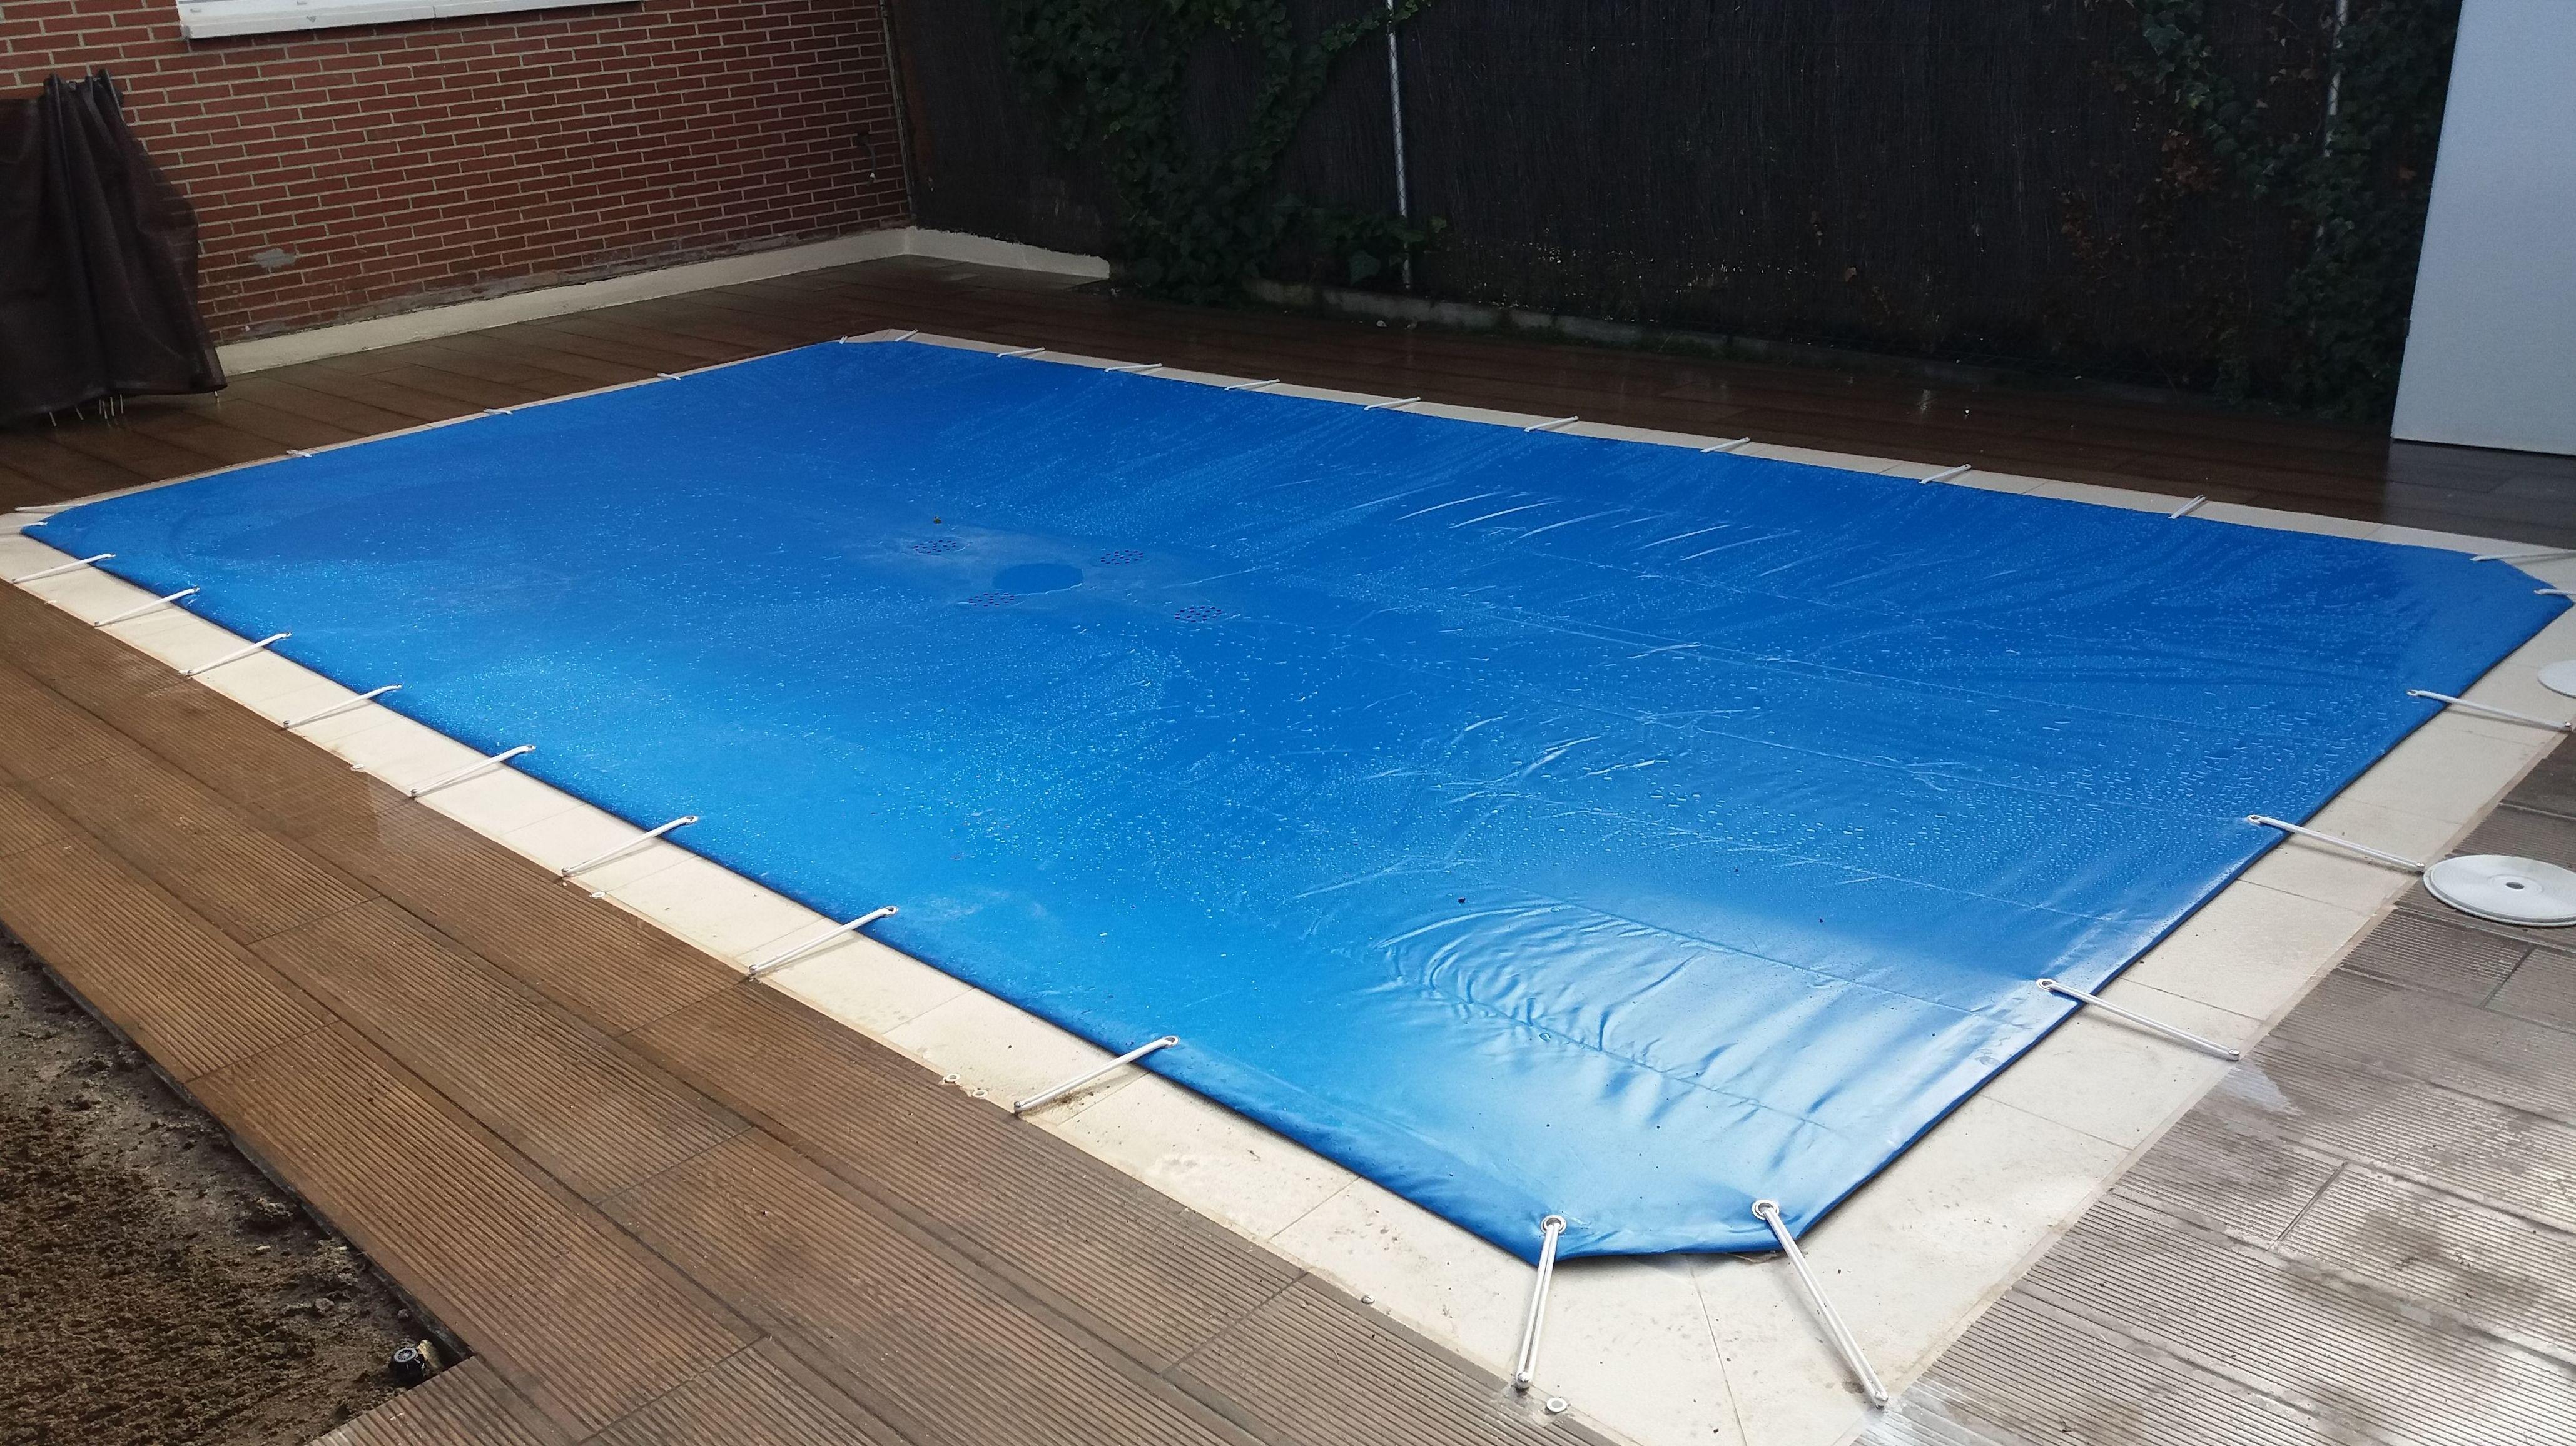 Cubiertas para piscinas productos y servicios de piscinas for Cubiertas para piscinas madrid